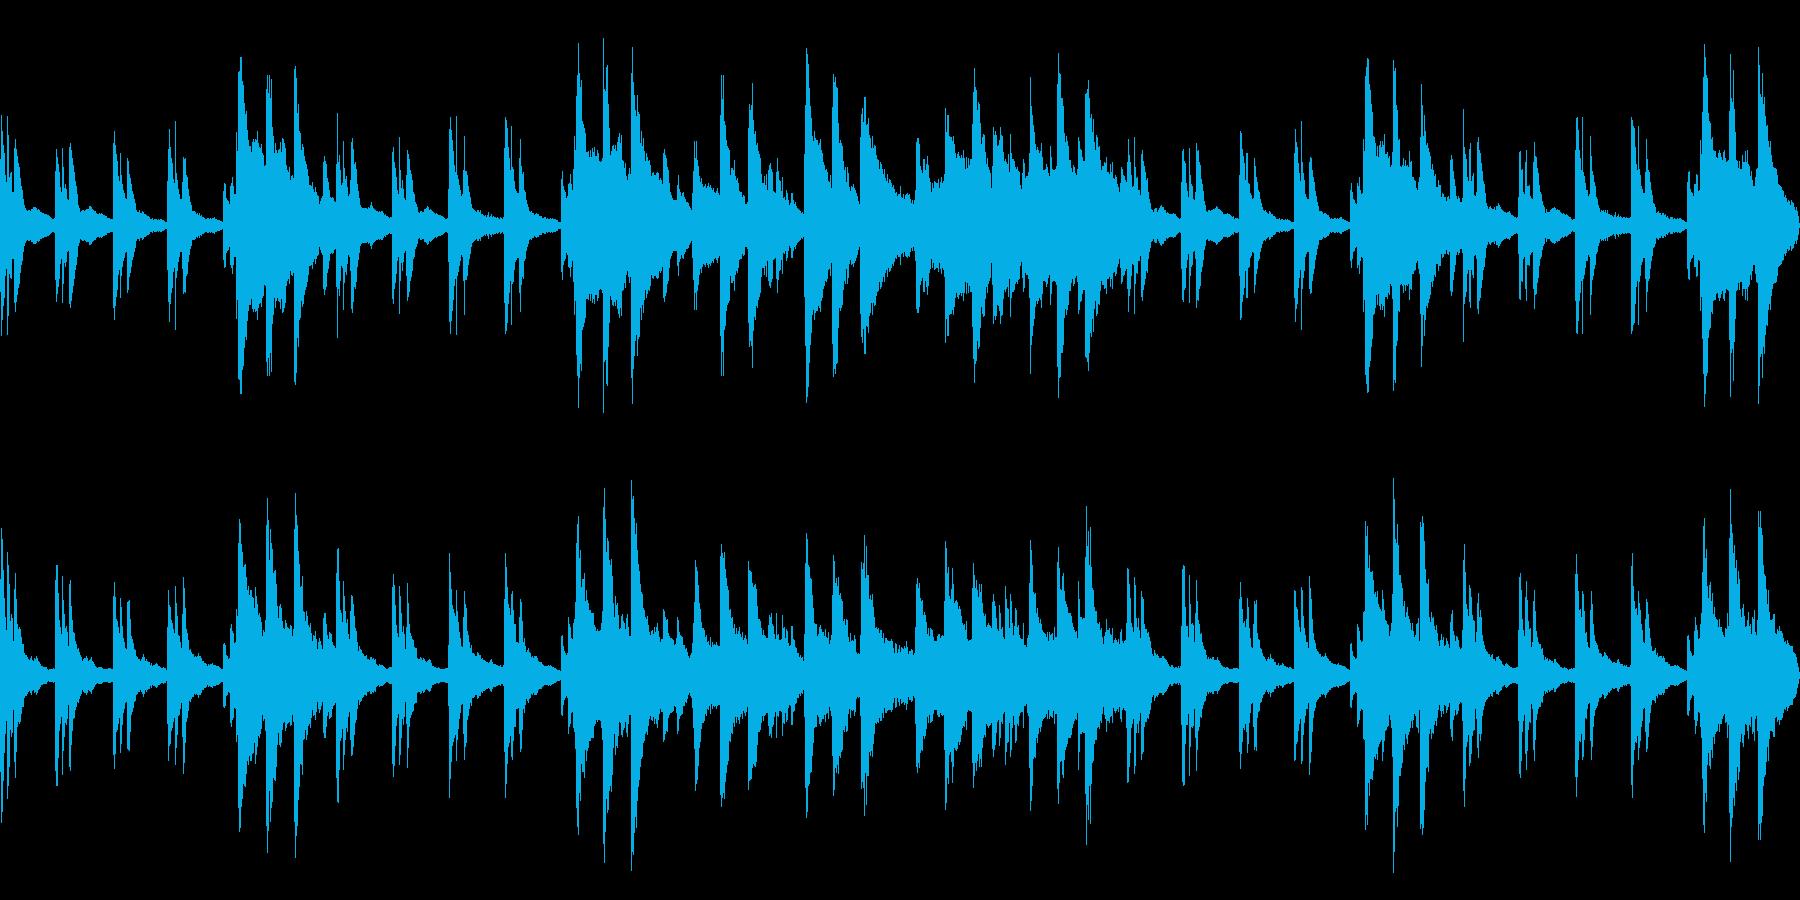 静寂の中で流れる神秘的なピアノloopの再生済みの波形